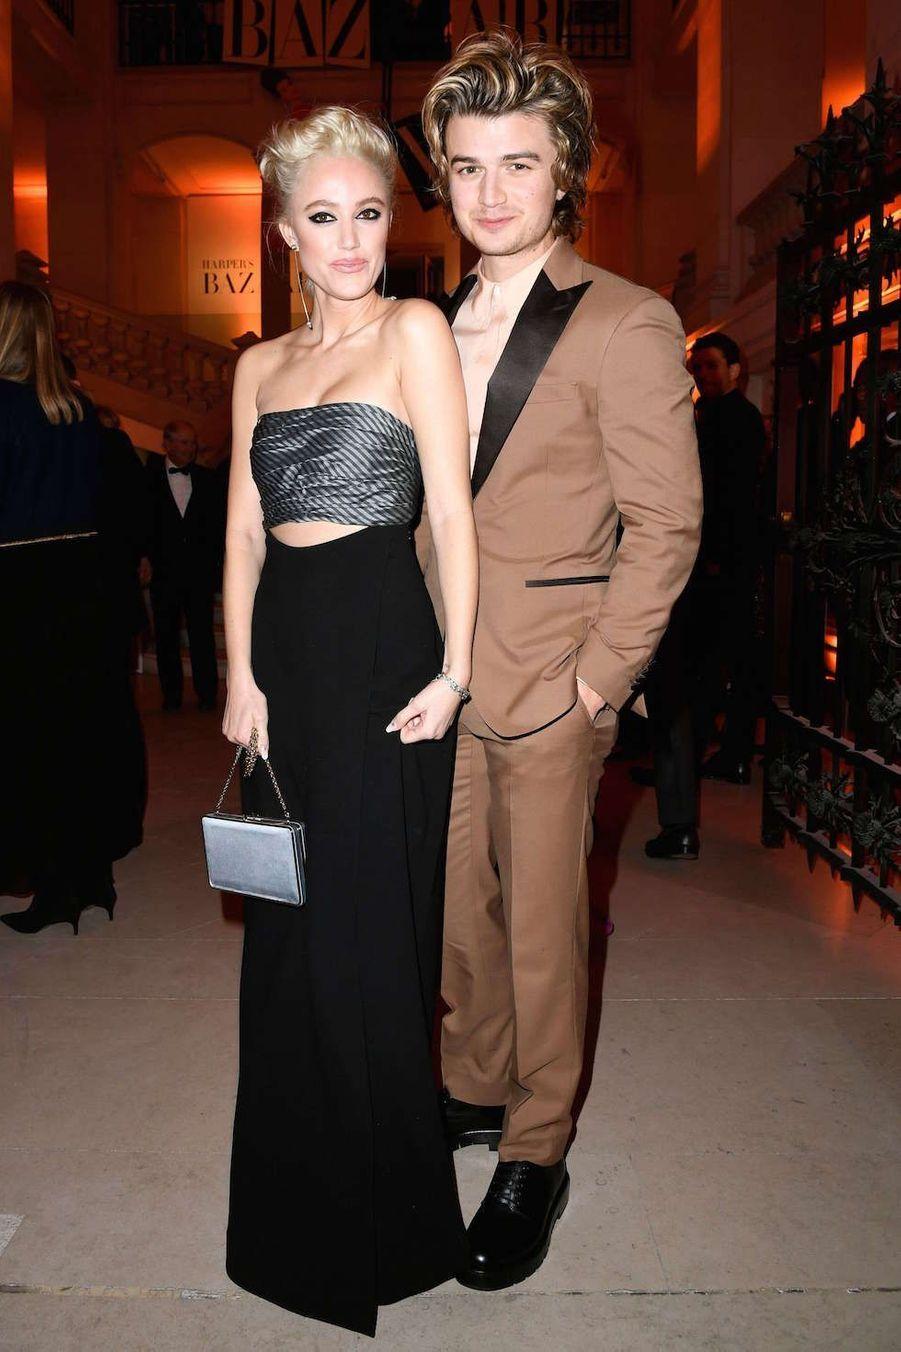 L'actrice Maika Monroe et l'acteur Joe Keeryau vernissage de l'exposition Harper's Bazaar au Musée des Arts décoratifs, à Paris, le 26 février 2020.